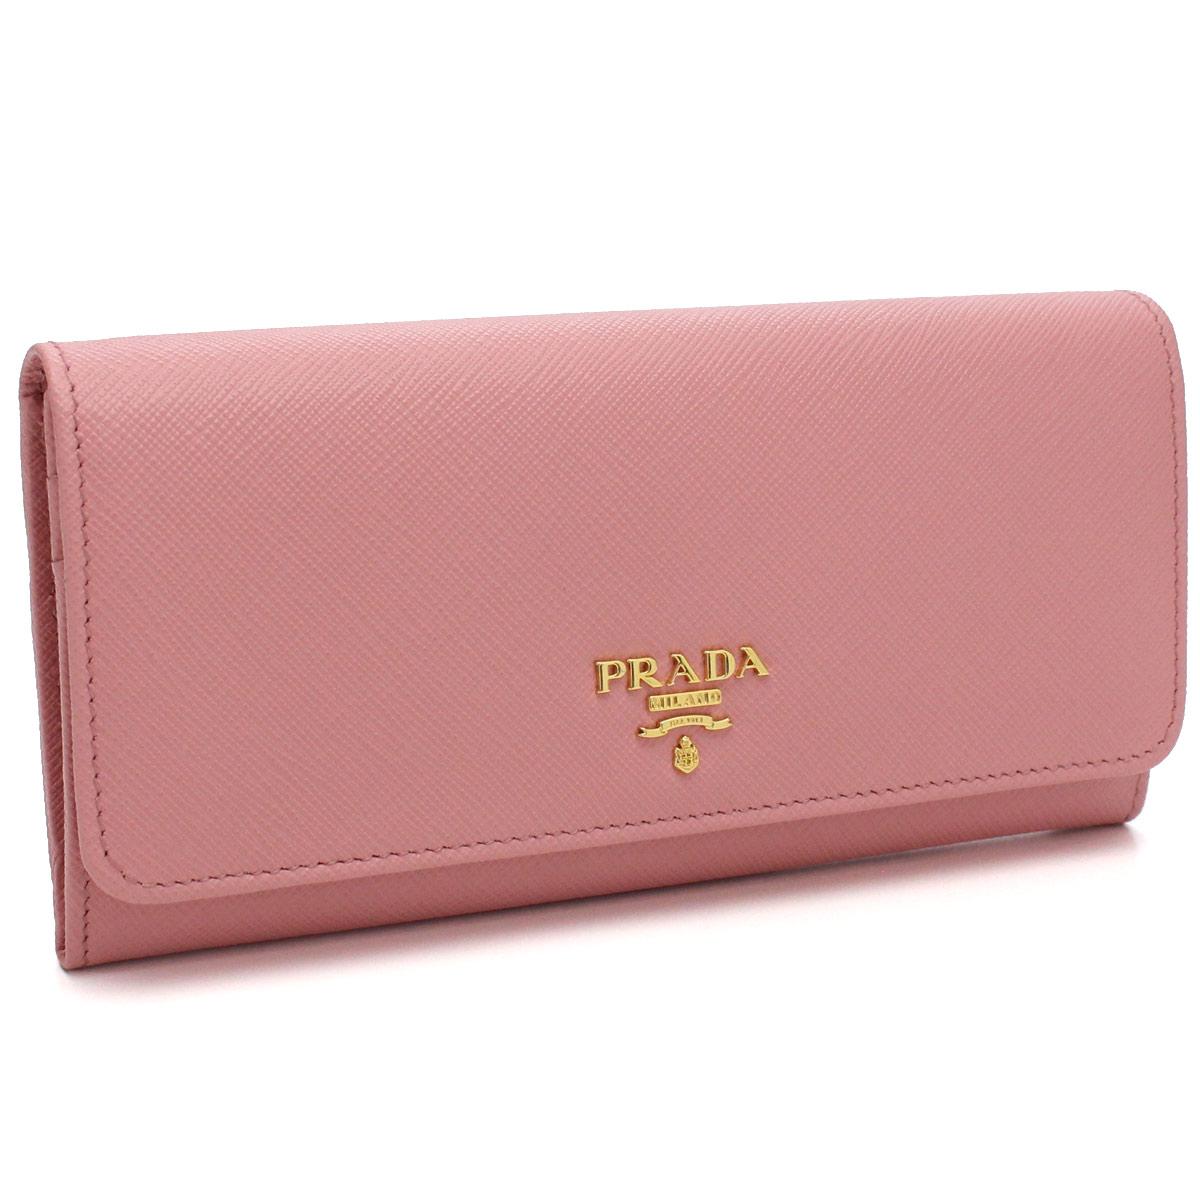 プラダ PRADA 財布 サフィアノ メタル 二つ折り 長財布 1MH132 QWA F0442 PETALO ピンク系 レディース サフィアーノ【キャッシュレス 5% 還元】